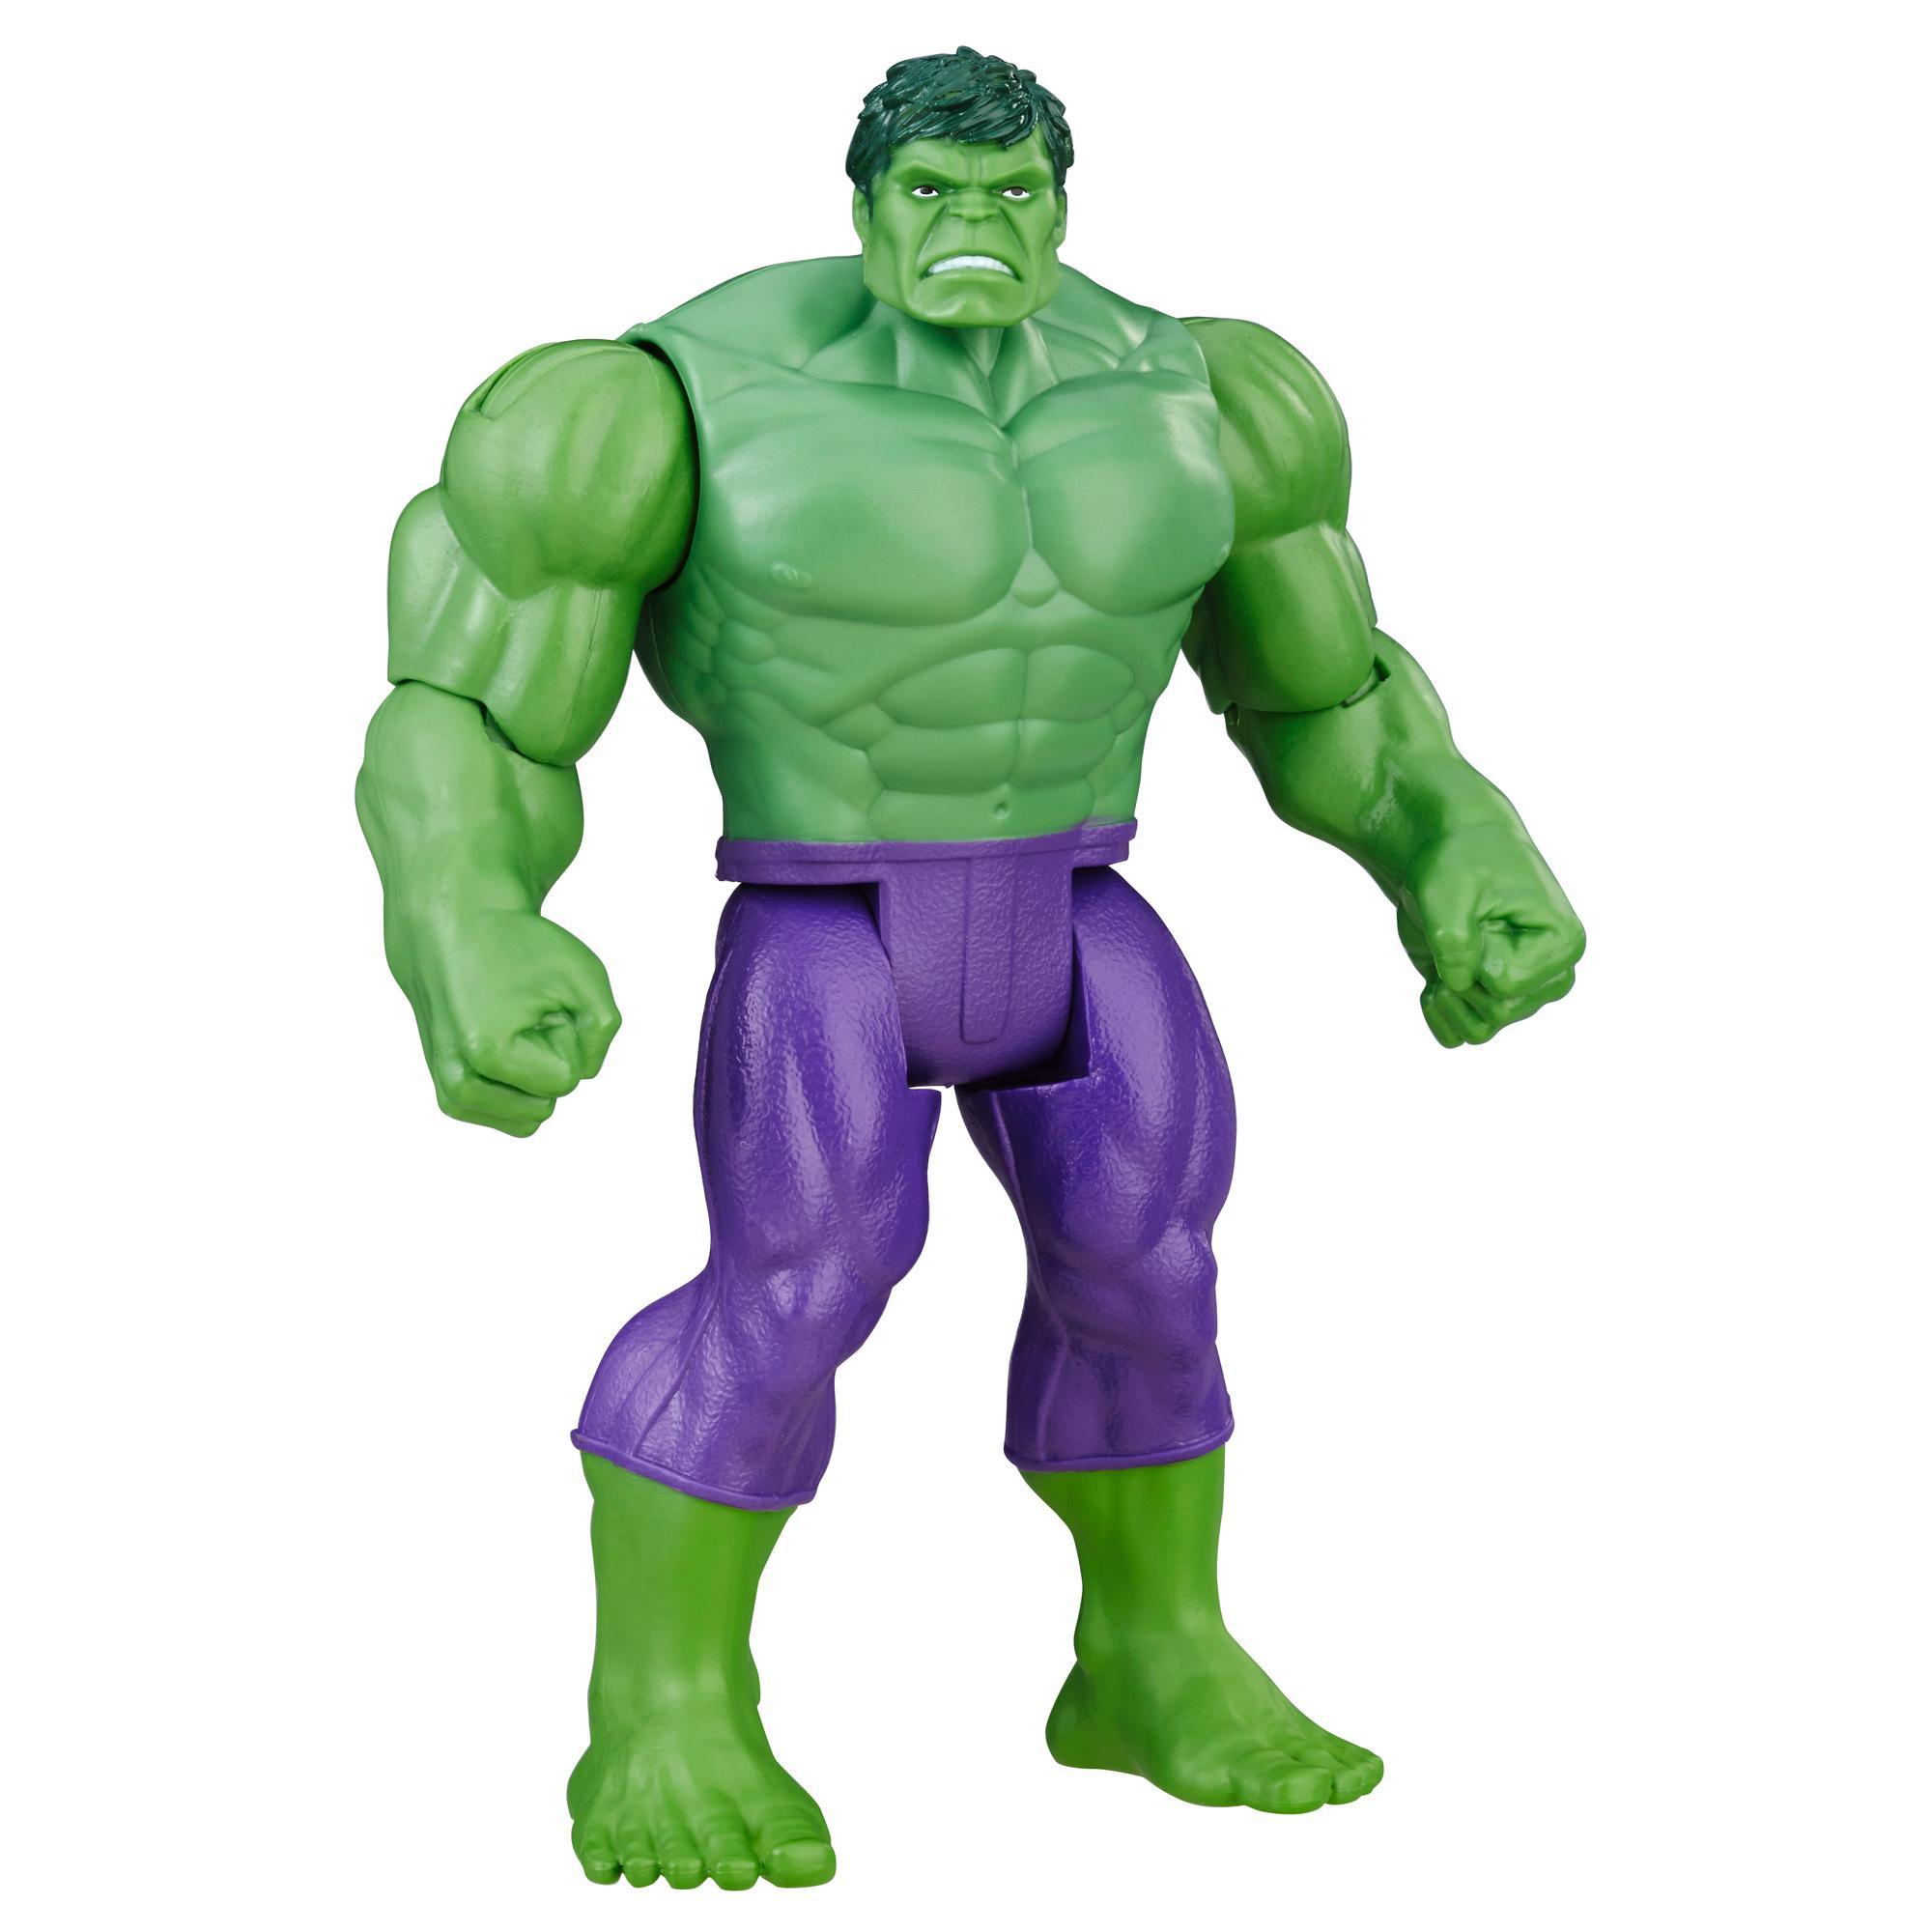 Marvel Avengers Hulk 6-in Basic Action Figure